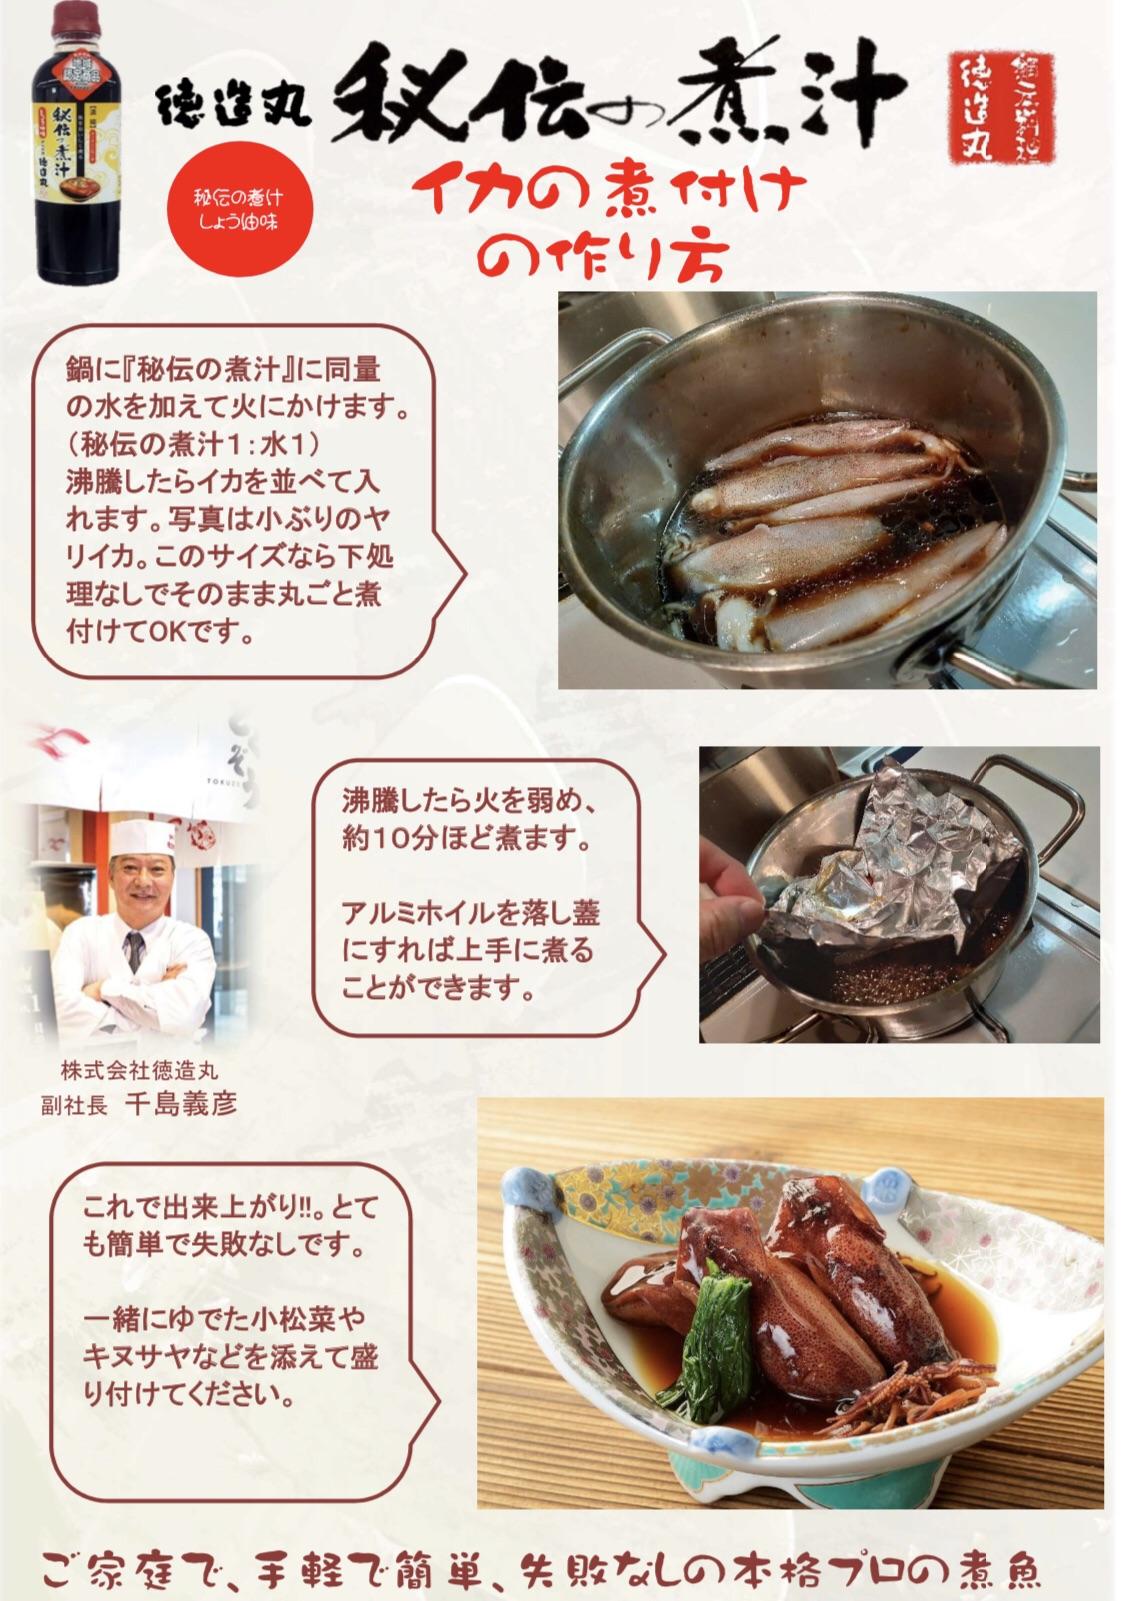 秘伝の煮汁レシピ イカの煮付け